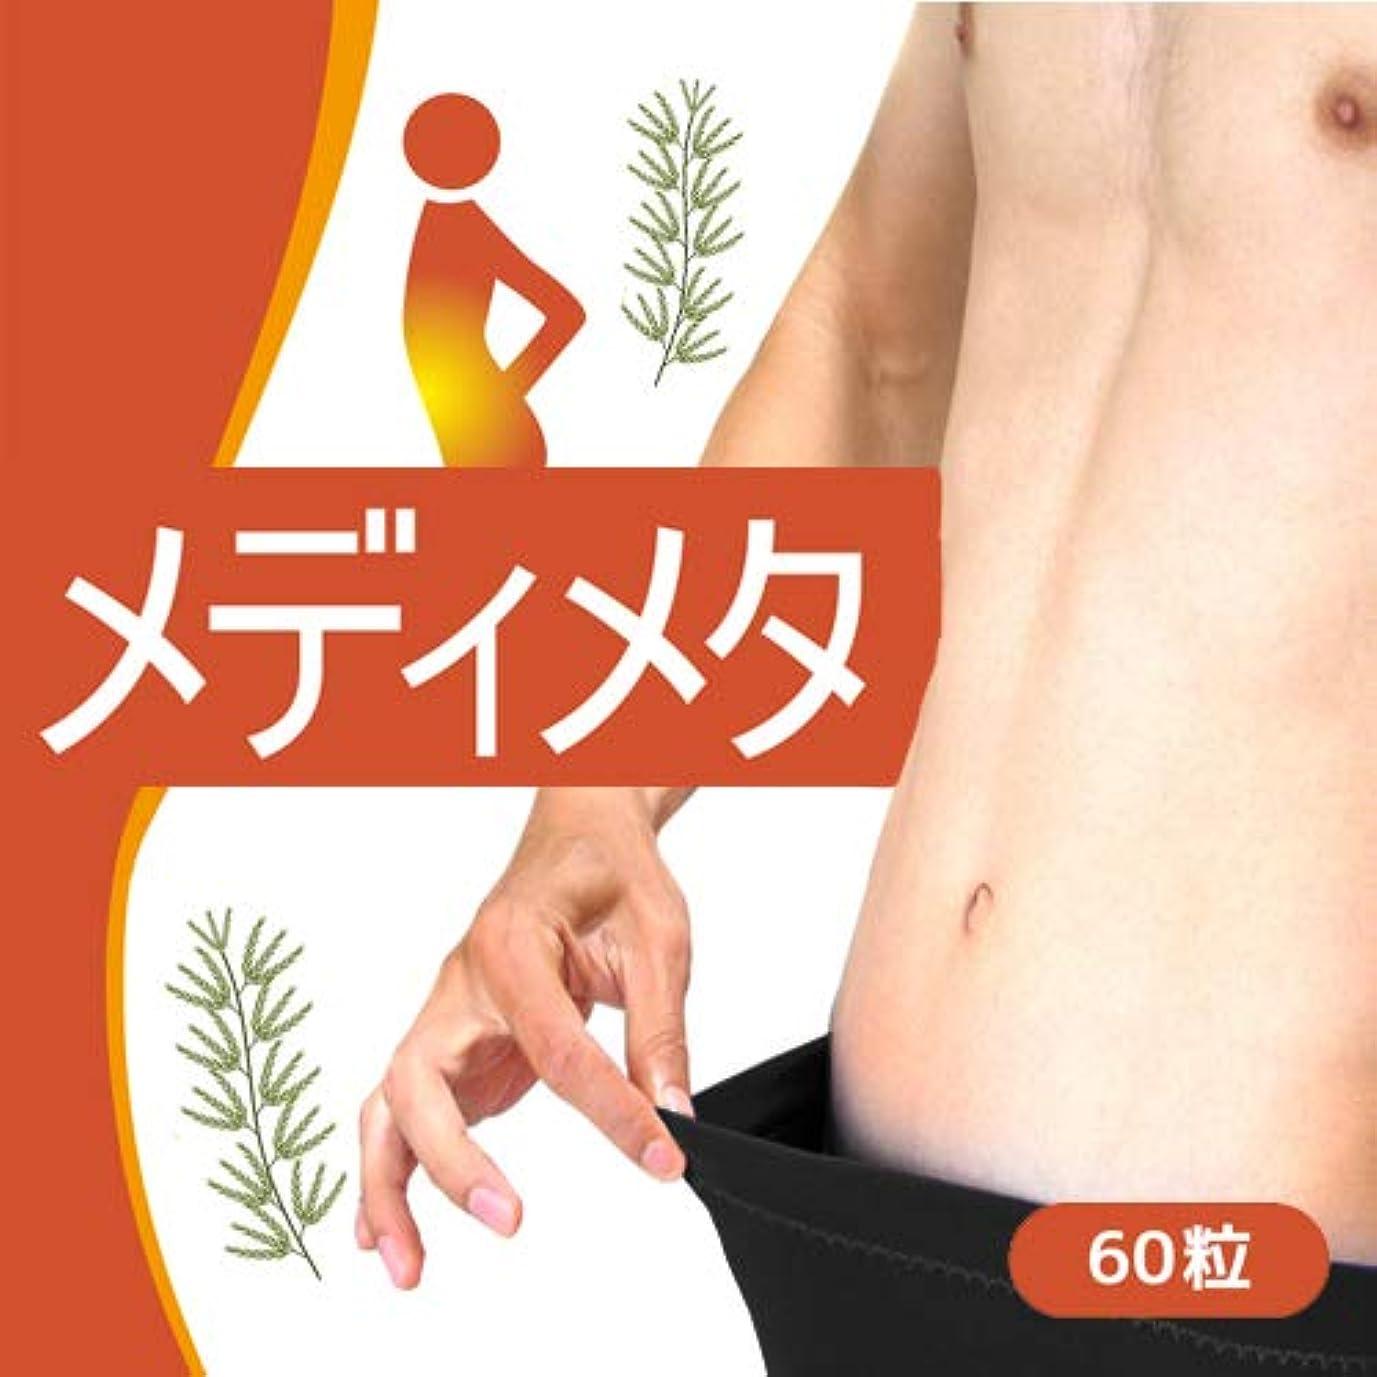 競合他社選手違うニッケルメディメタ (3)